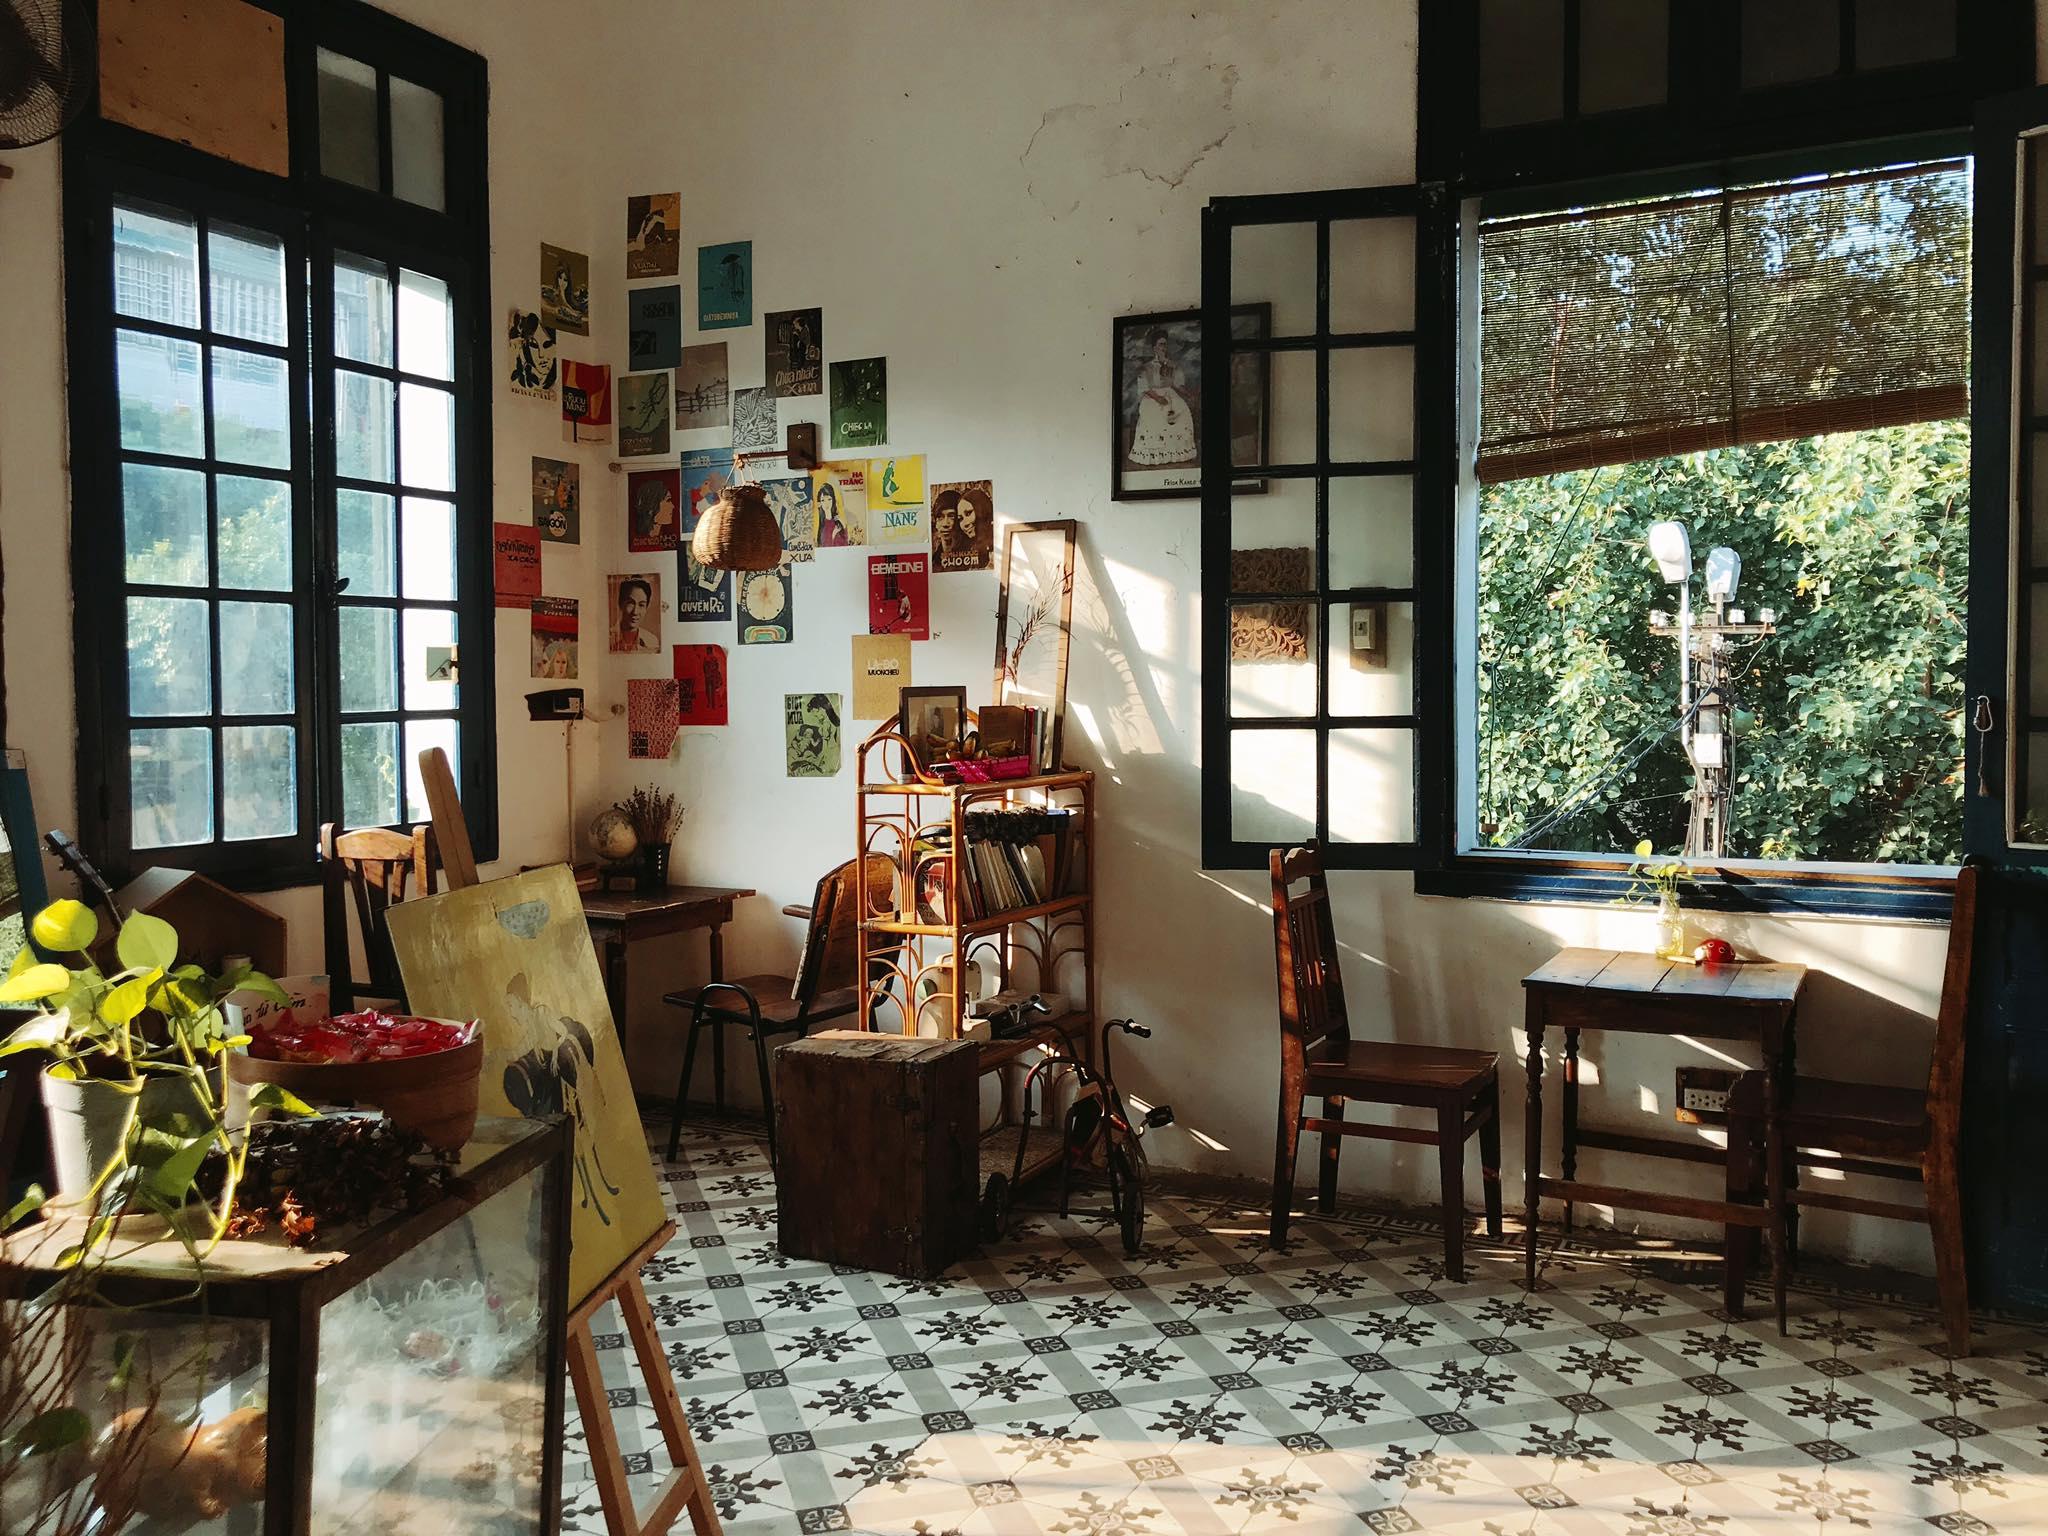 Dịp Tết Dương lịch, ghé thăm những quán cà phê mang phong cách cổ xưa tại Hà Nội  - Ảnh 9.